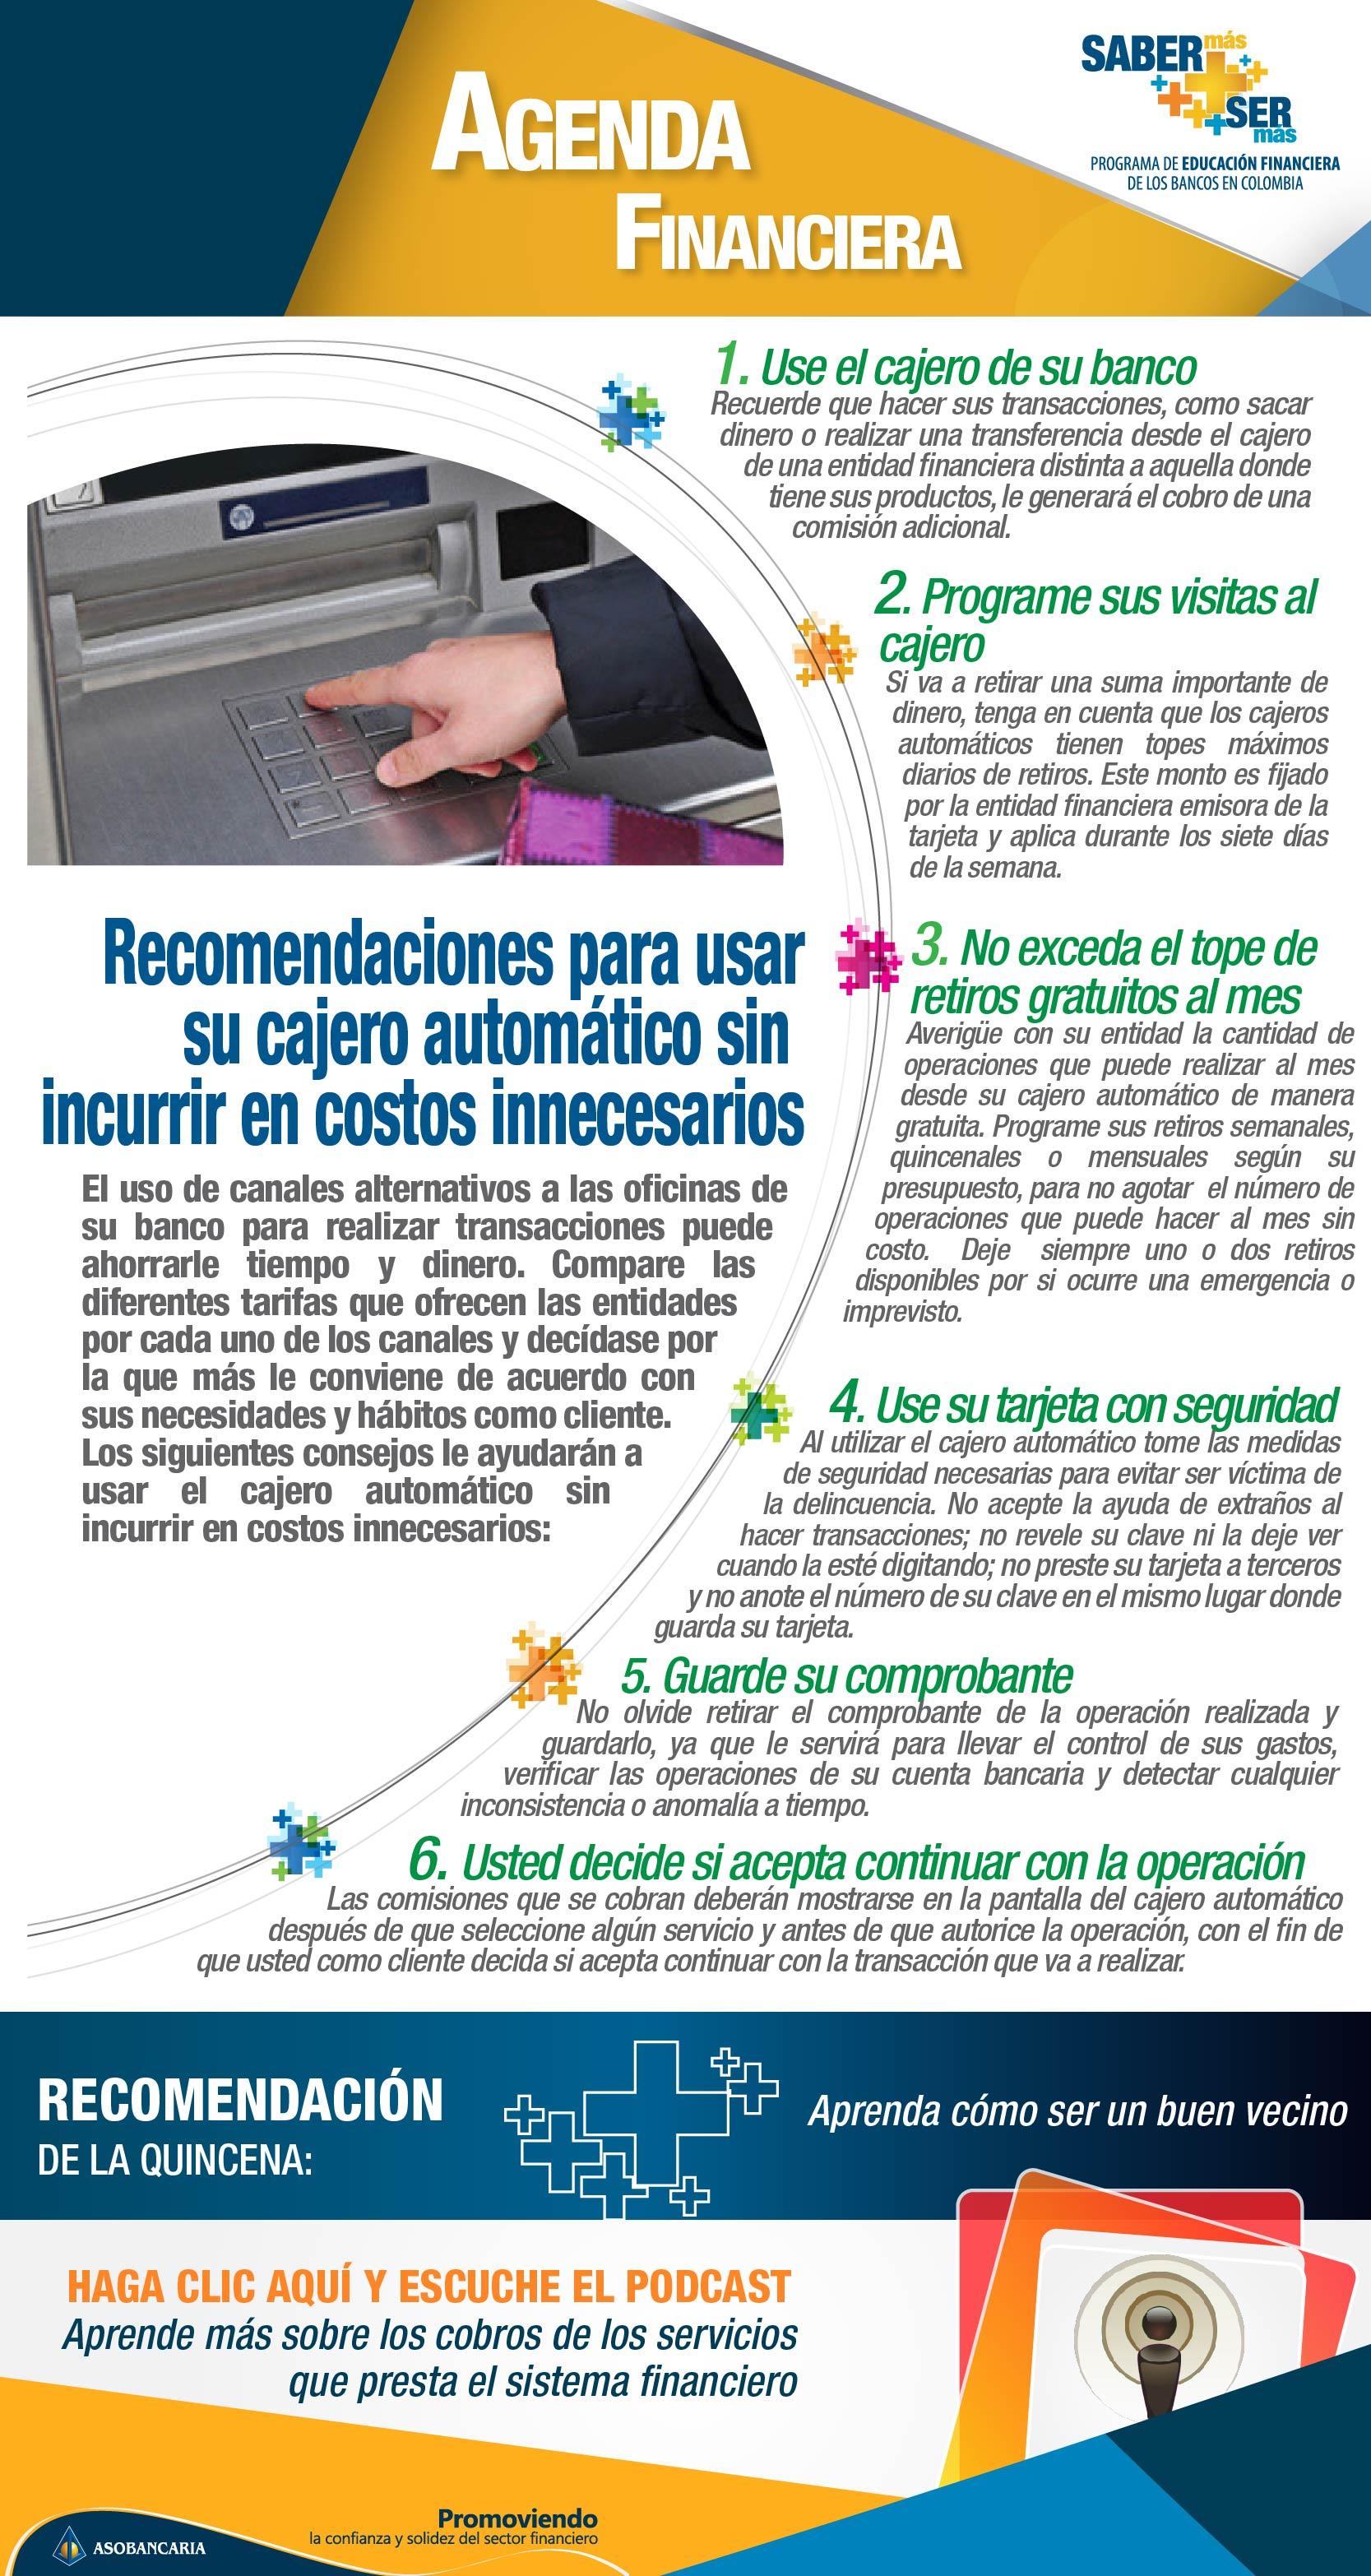 Boletin 9 - Recomendaciones para usar el cajero automatico sin incurrir en costos innecesarios